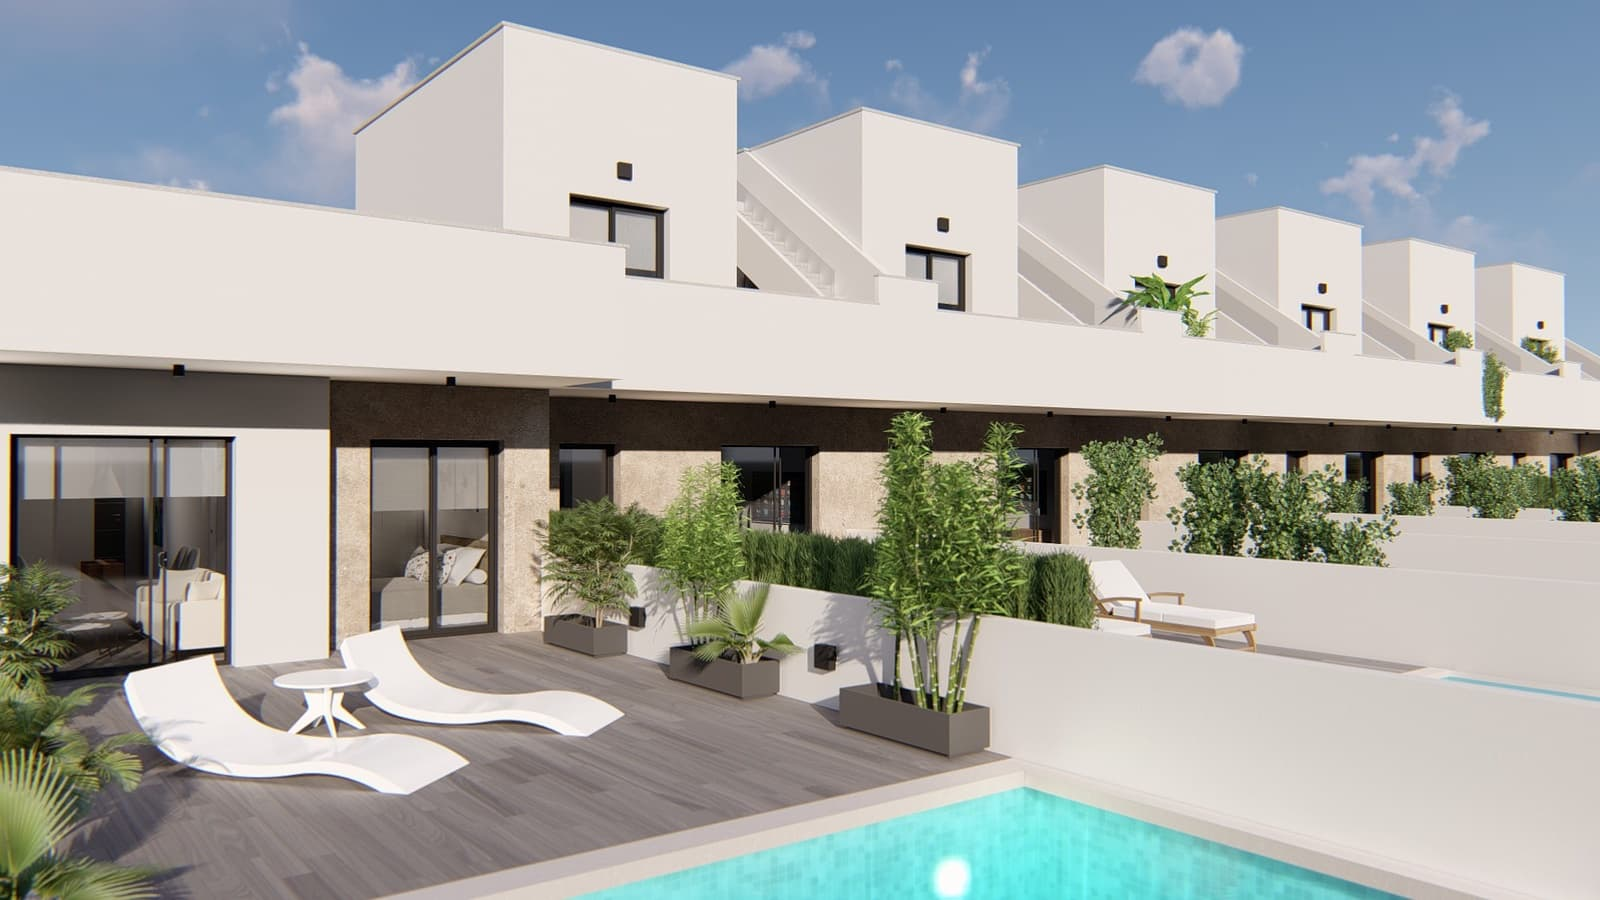 Casa de 2 habitaciones en Pilar de la Horadada en venta - 184.900 € (Ref: 4712389)